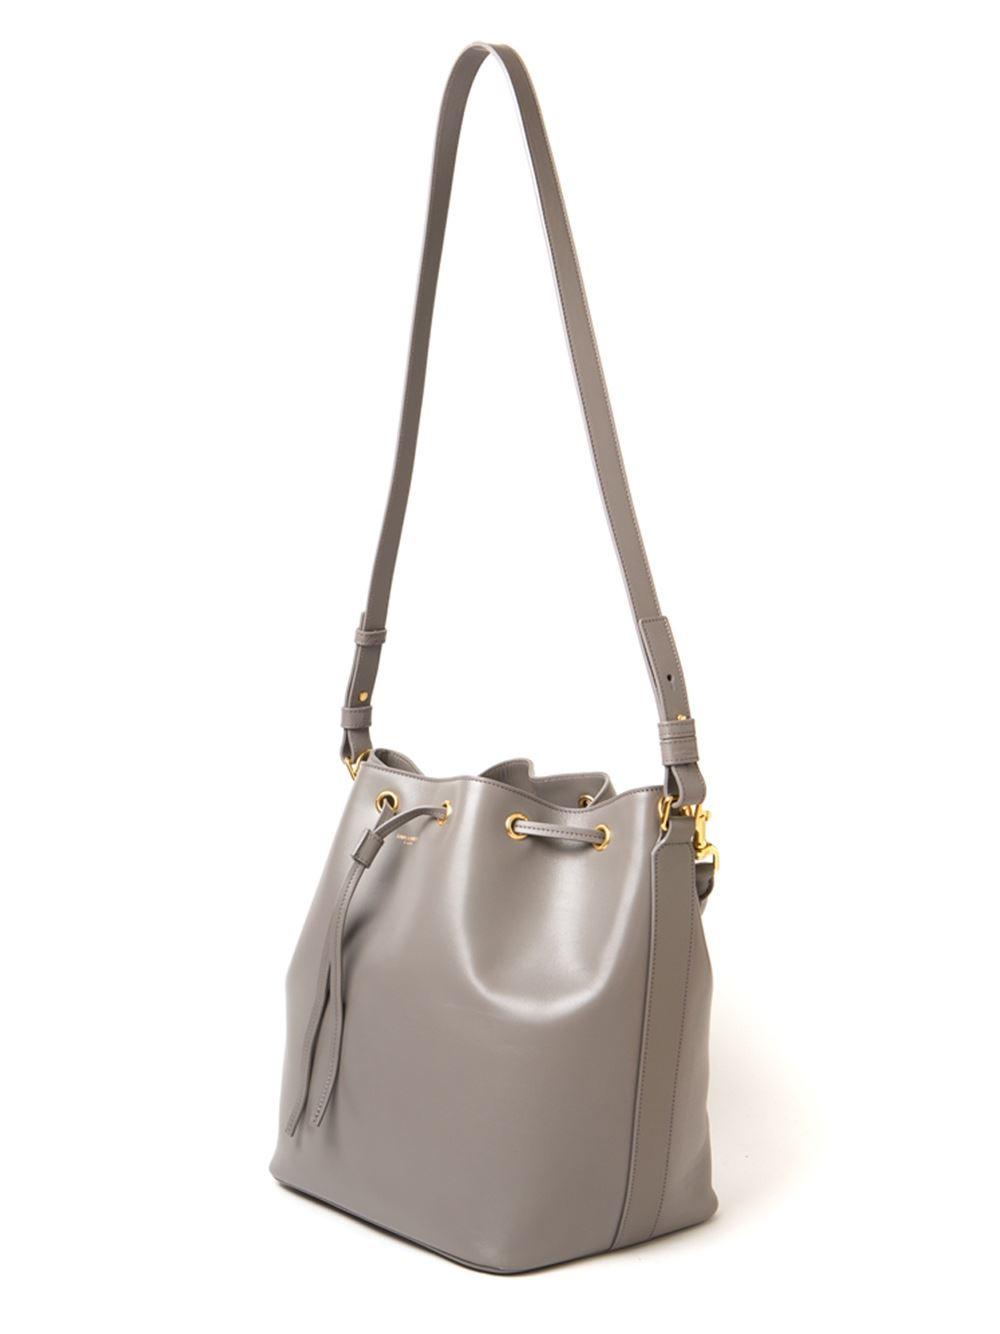 yves saint laurent bags sale ysl chain shoulder bag. Black Bedroom Furniture Sets. Home Design Ideas